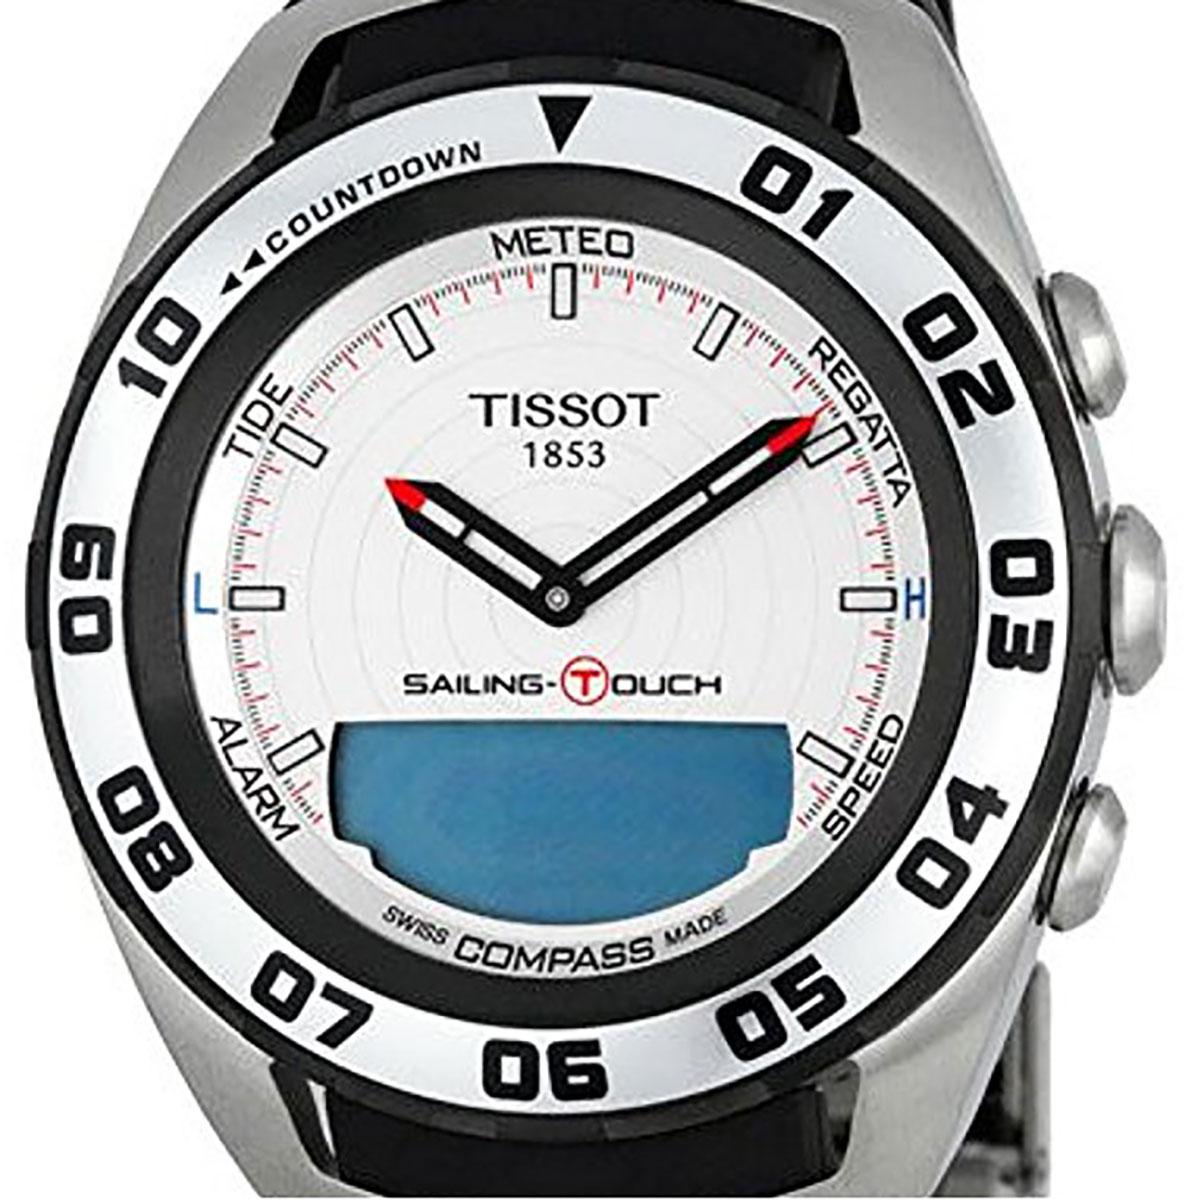 【残り1点】TISSOT ティソ 電池式クォーツ 腕時計 [T056-420-27-031-00] 並行輸入品 ネイビー(紺)